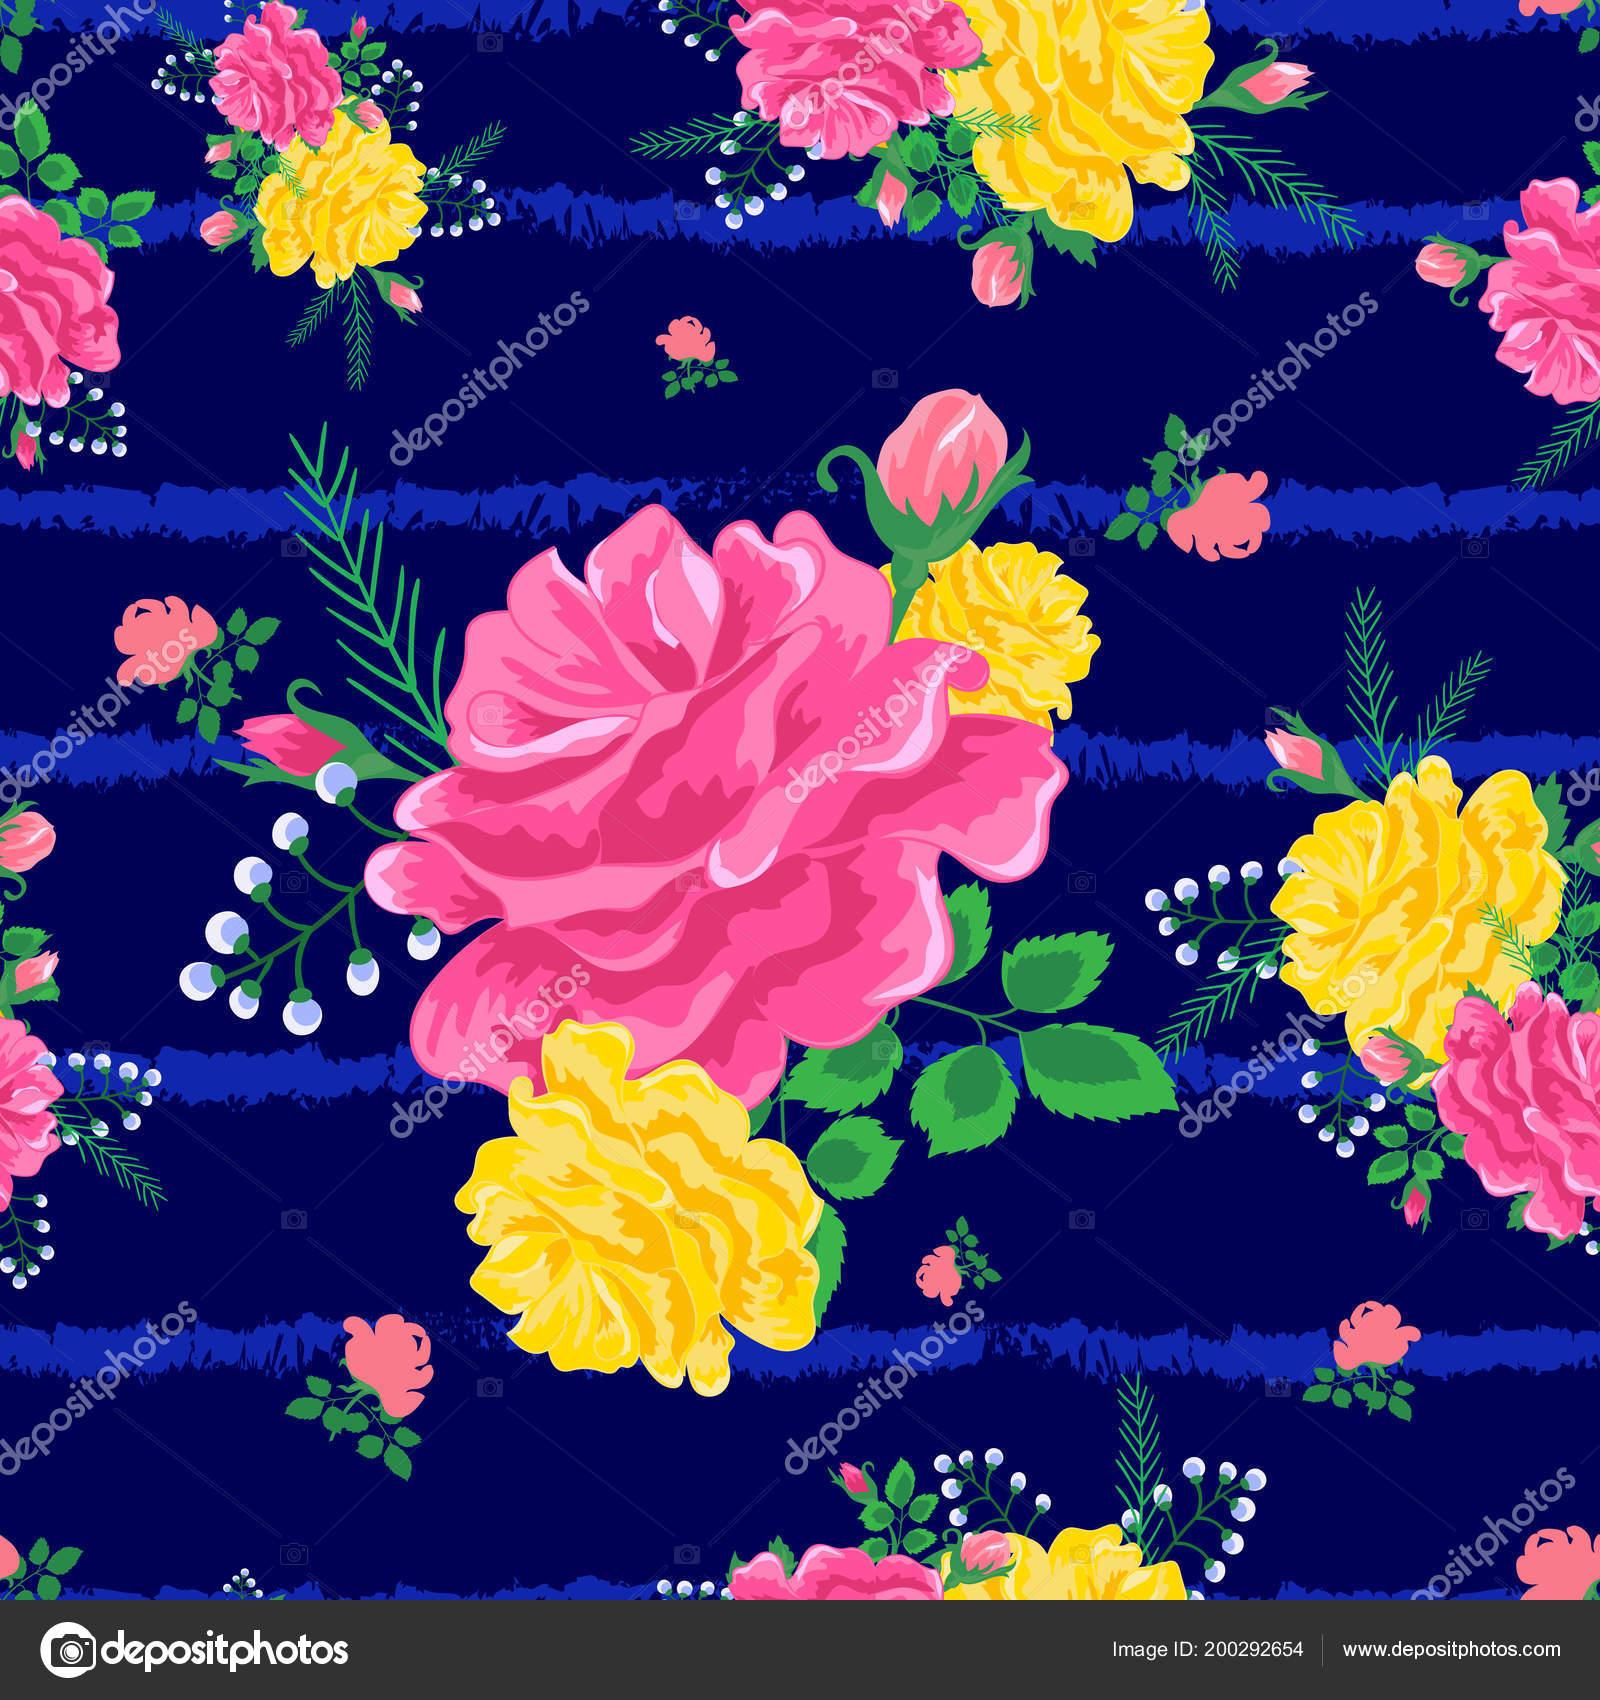 f8b9fee5d6604 Nahtlose Muster mit wunderschönen Rosen und Blätter auf einem dunklen Blau  gestreiften Meer Hintergrund. Sommer Abbildung. Schönen Druck für  Buchumschläge